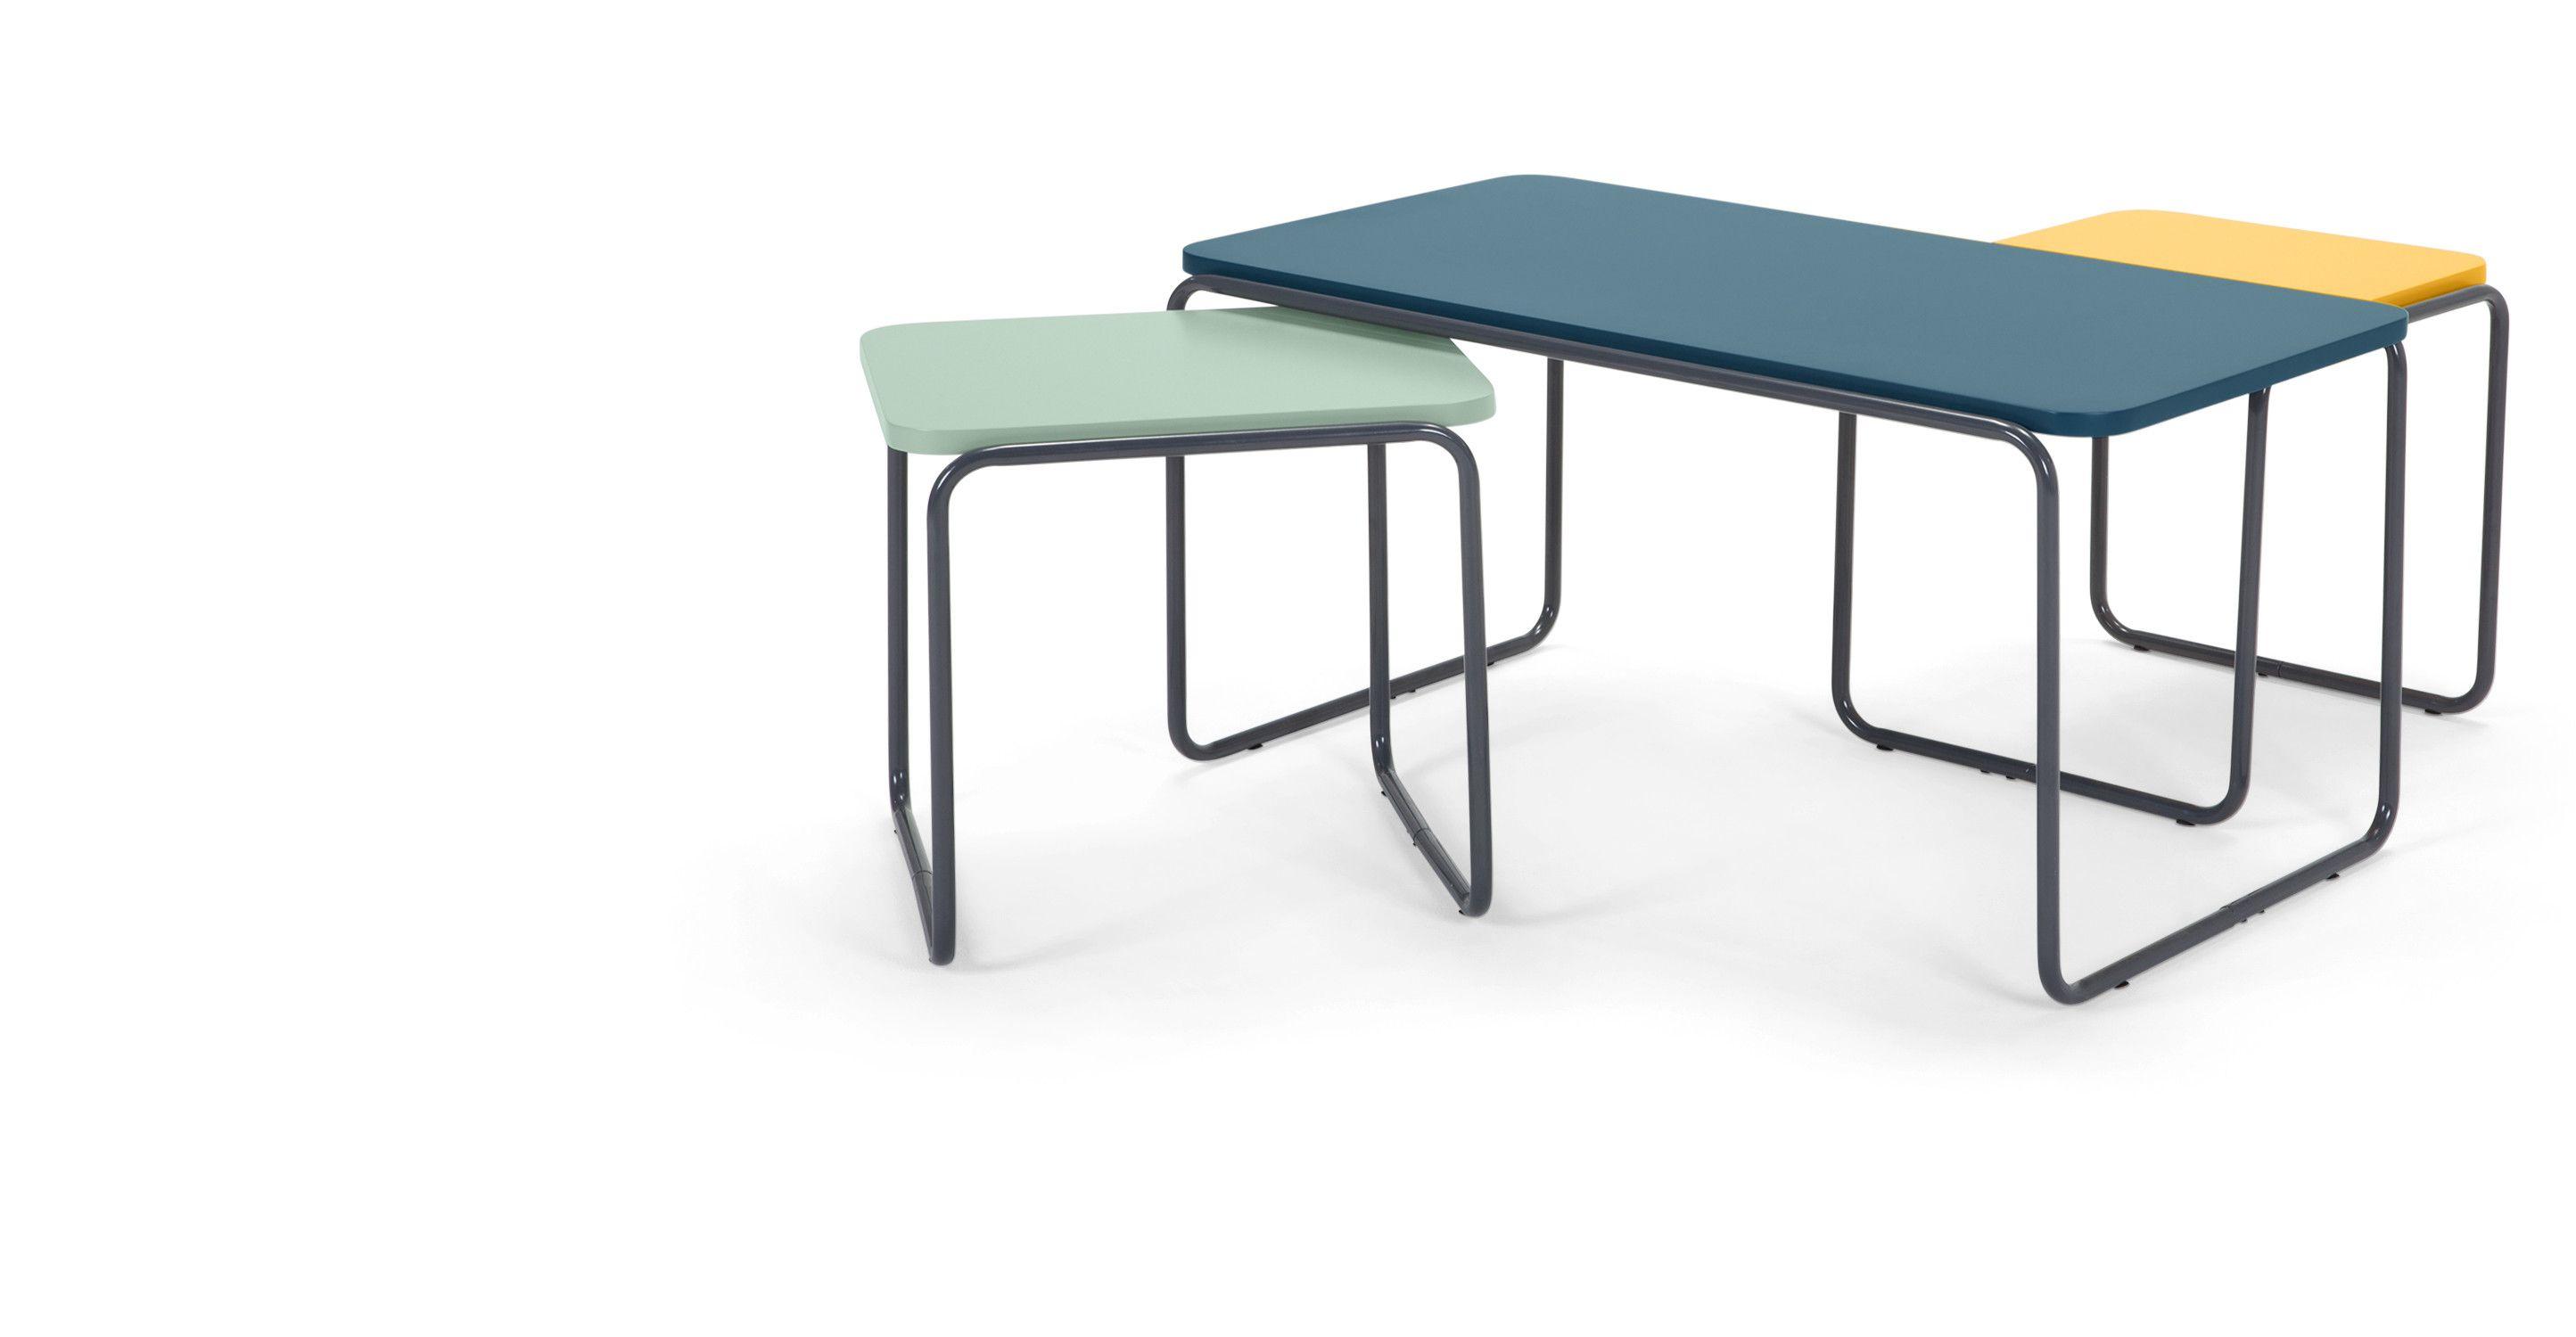 593f37674230a7eb1bd7065d3a46e723 Incroyable De Table Basse Ajustable Schème